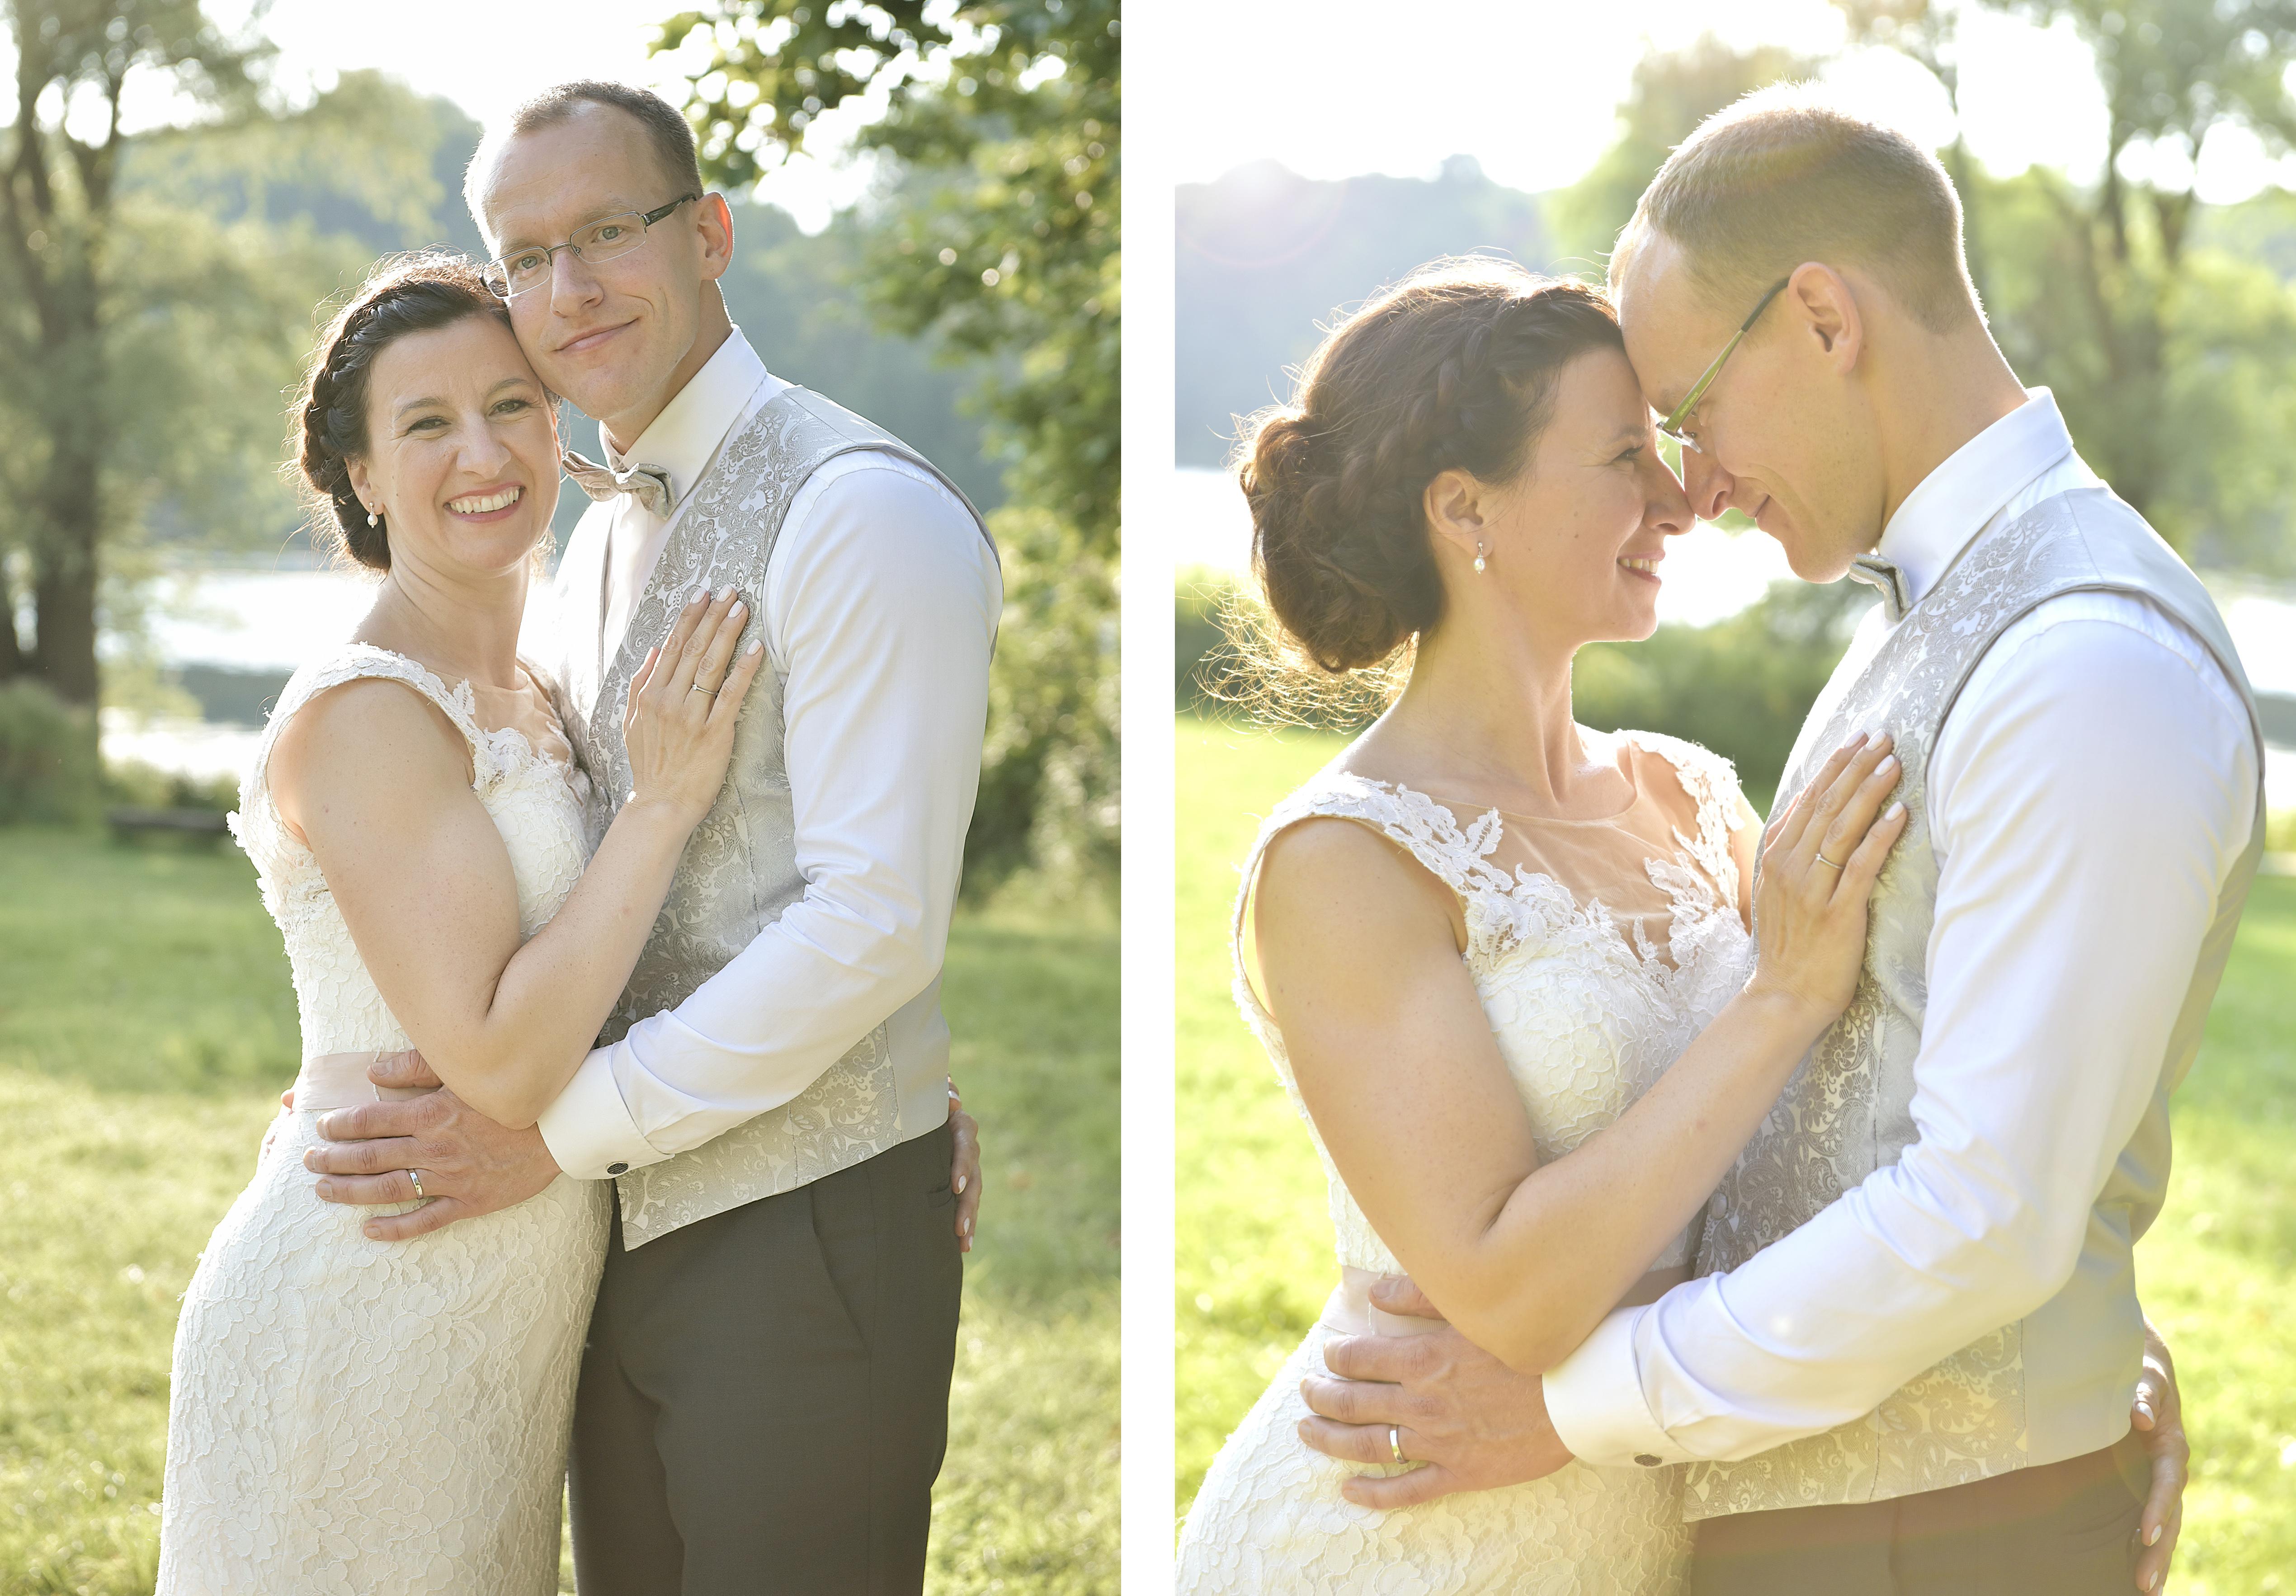 Gewaltig Ideen Für Hochzeitsfotos Beste Wahl Romantische Hochzeit Auf Dem Landgut Stober, Romantische